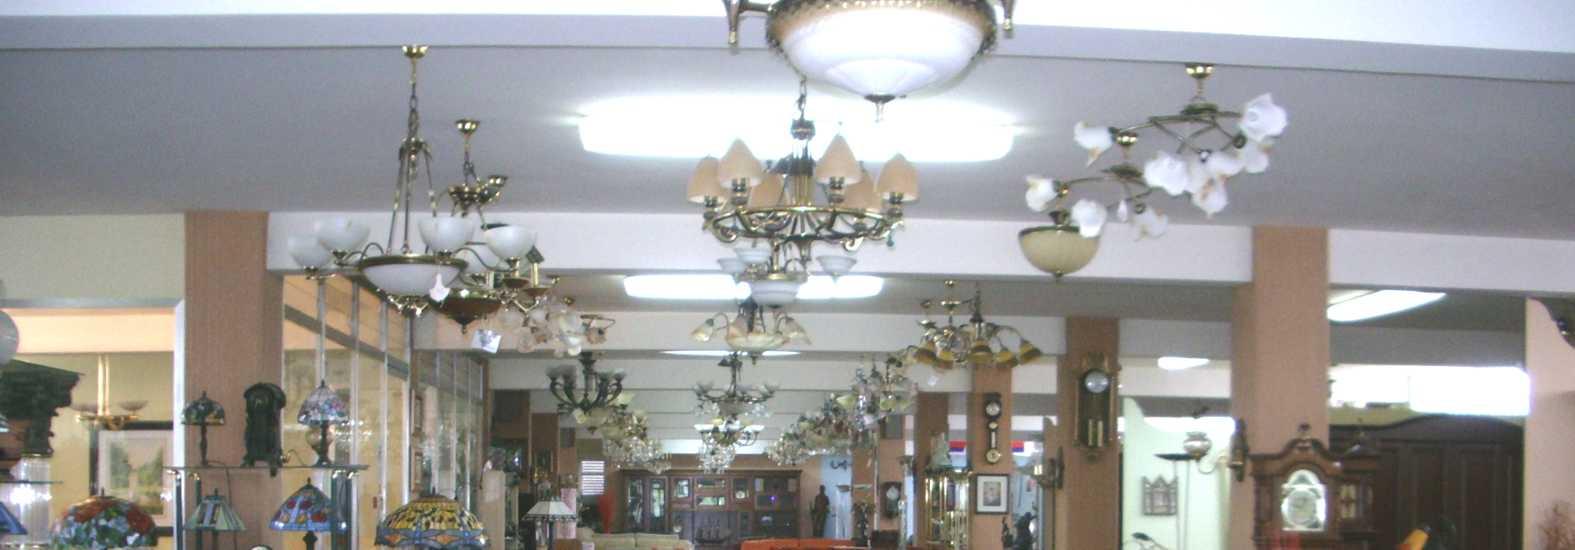 Los tipos de lmparas clsicas modernas tanto de techo como de